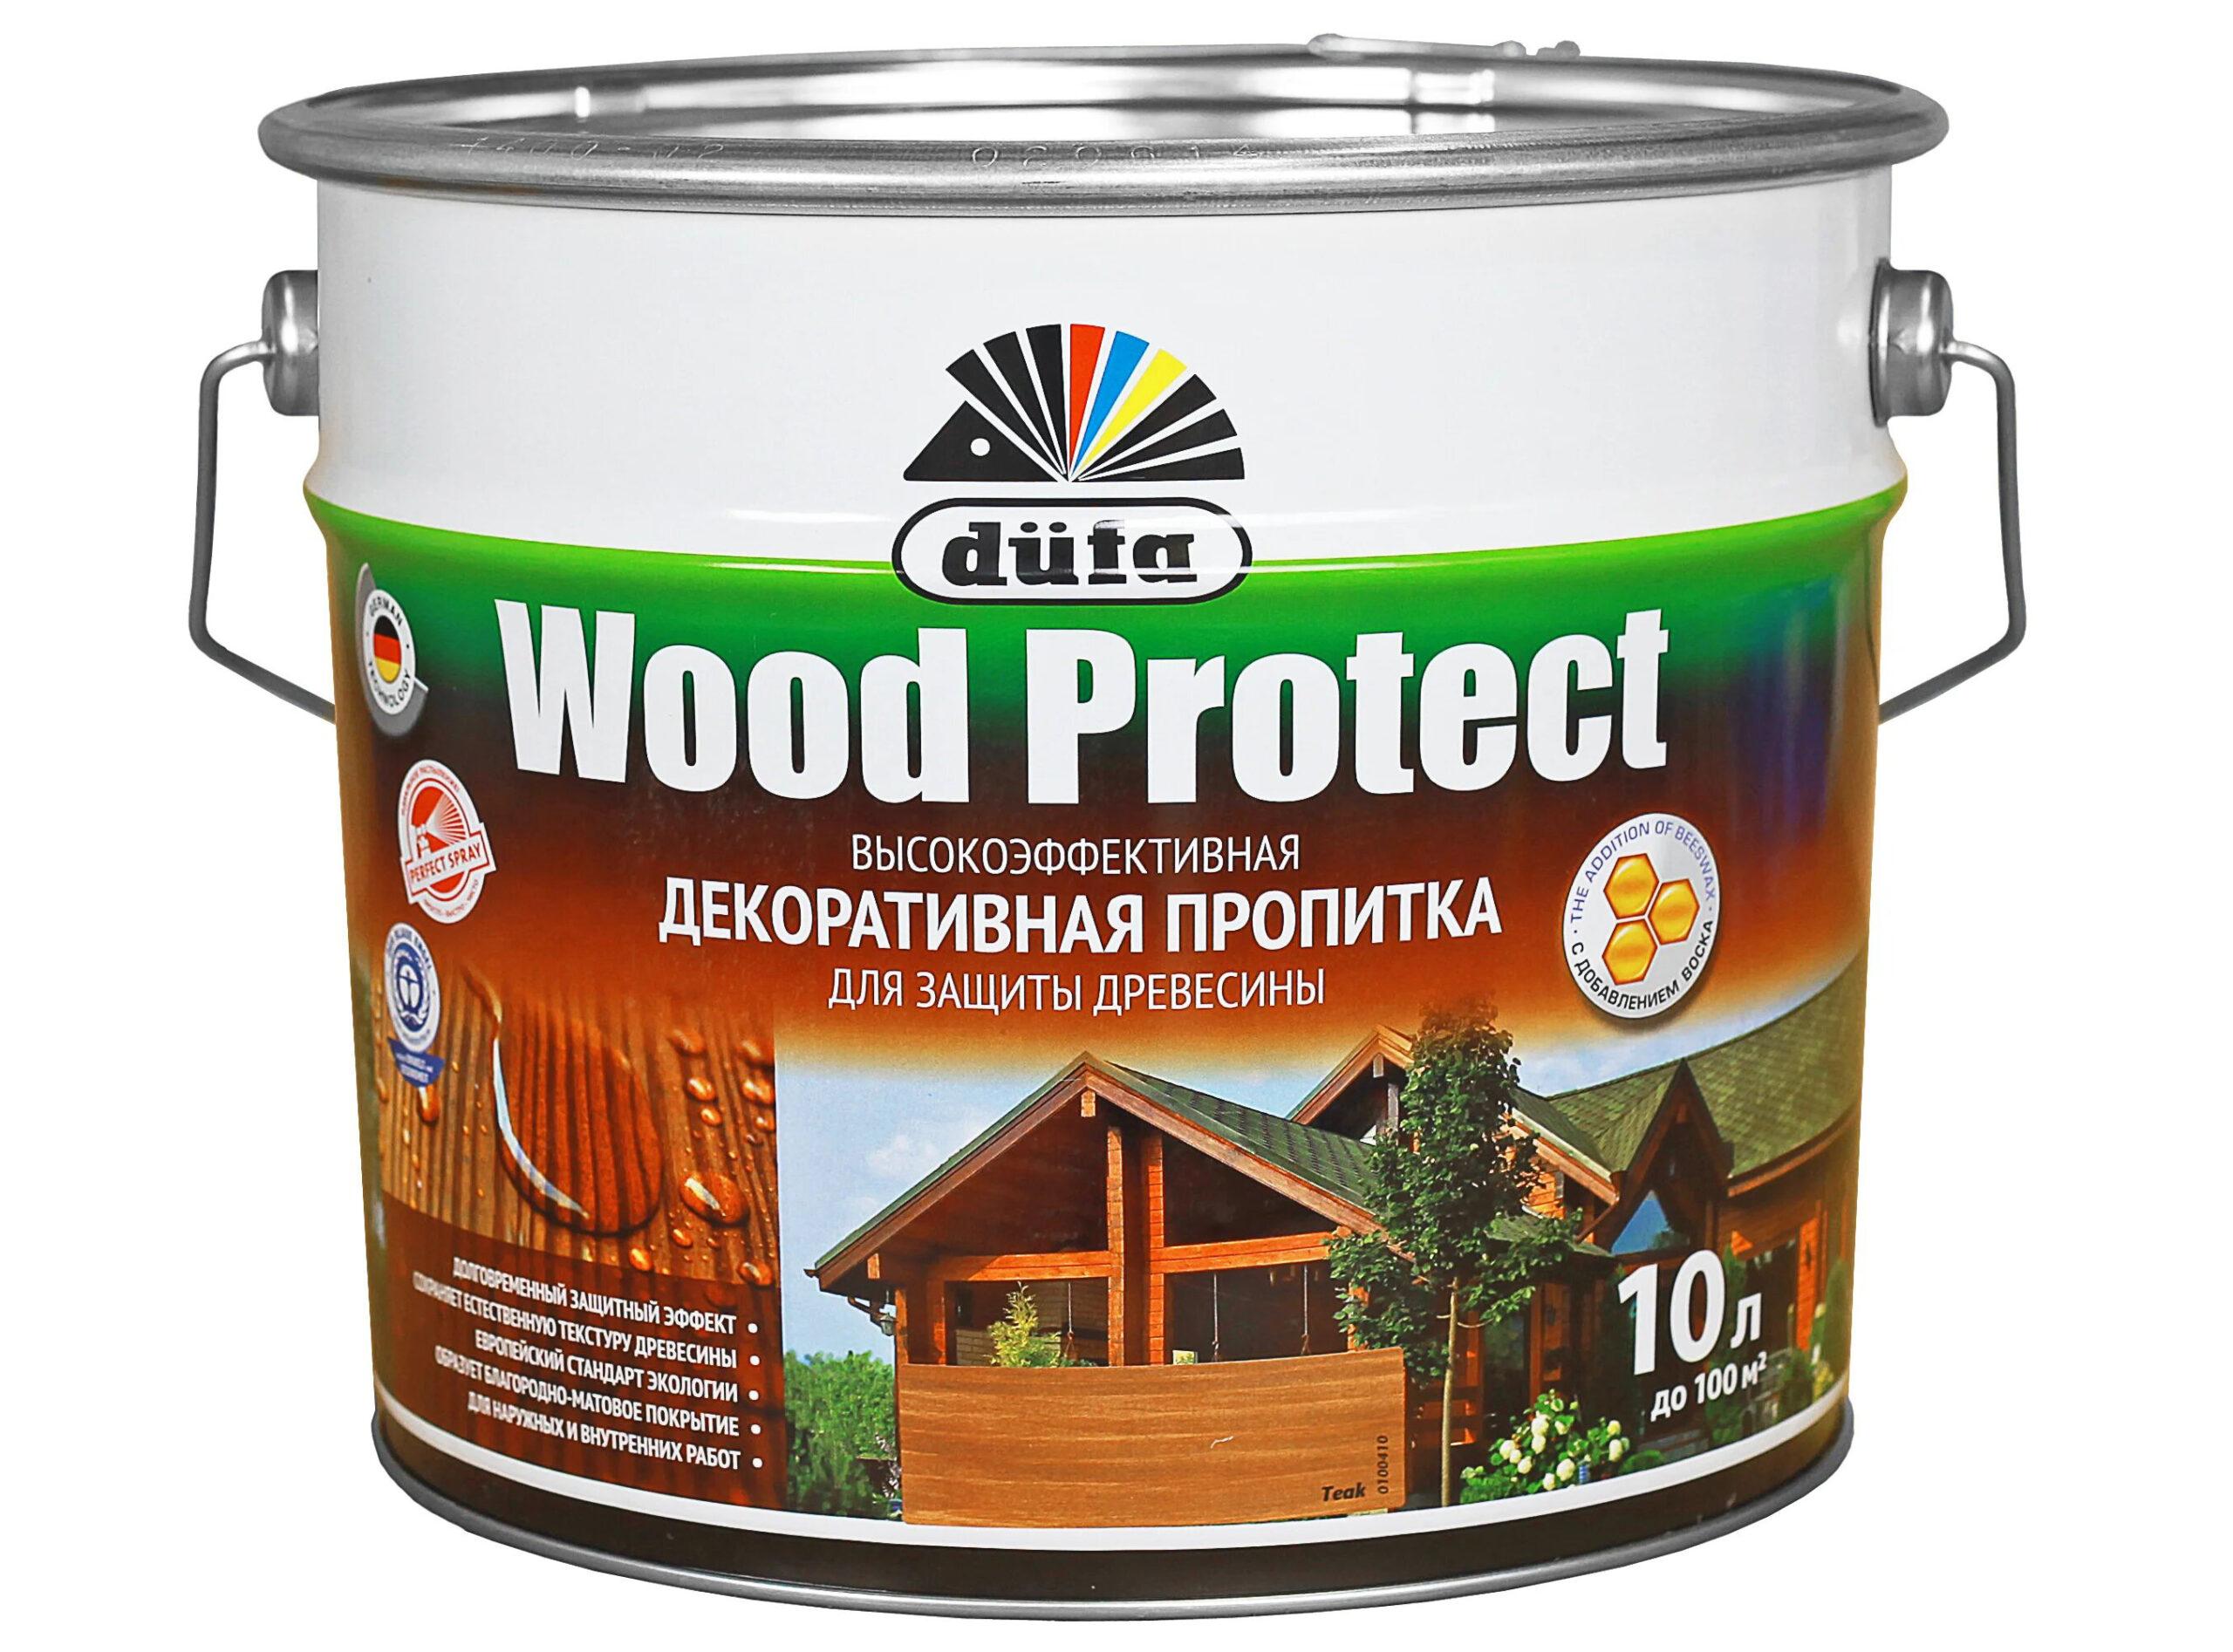 Фото пропитки Wood Protect